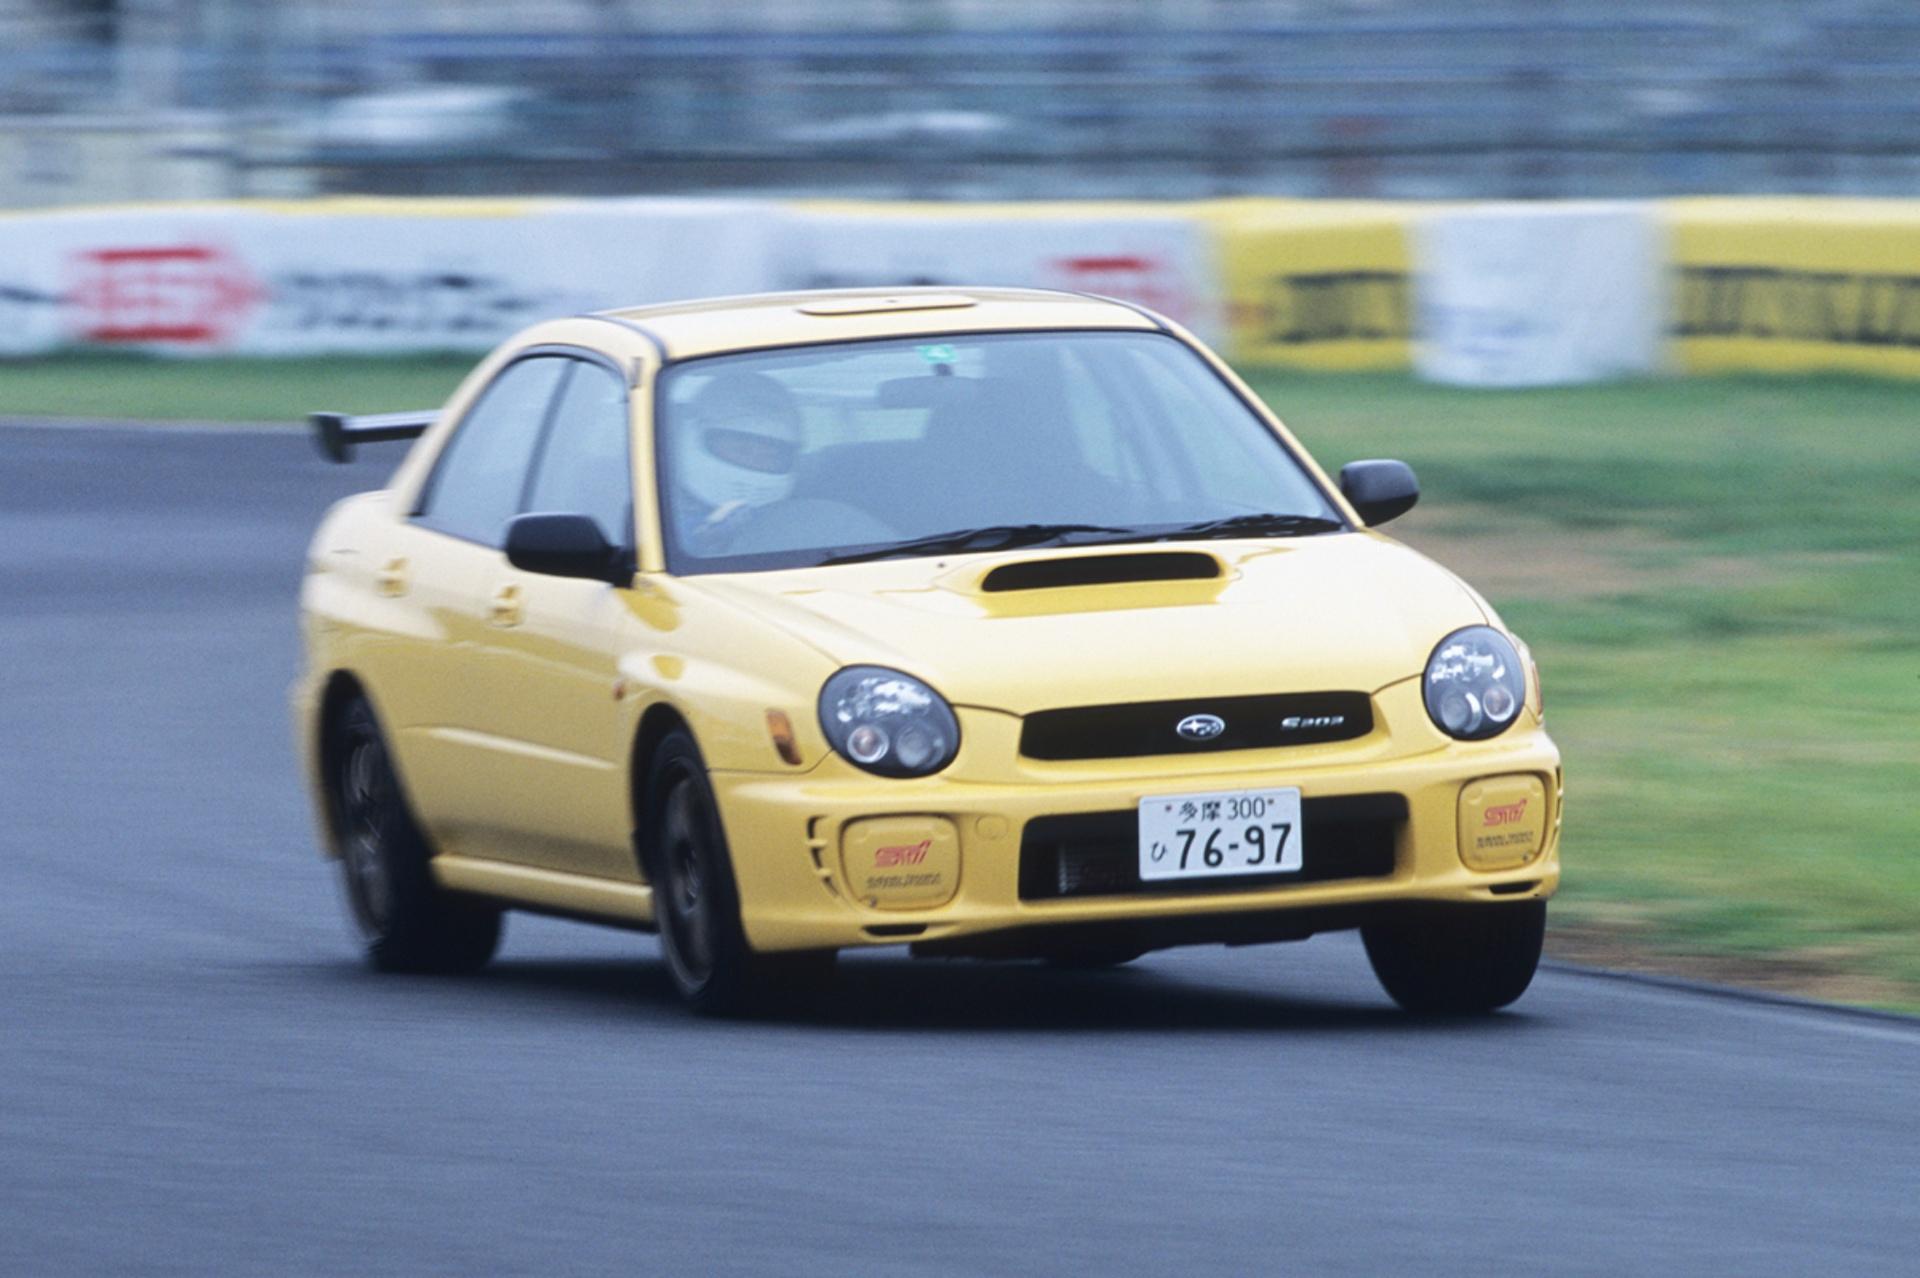 Subaru_Impreza_STI_S202_0006